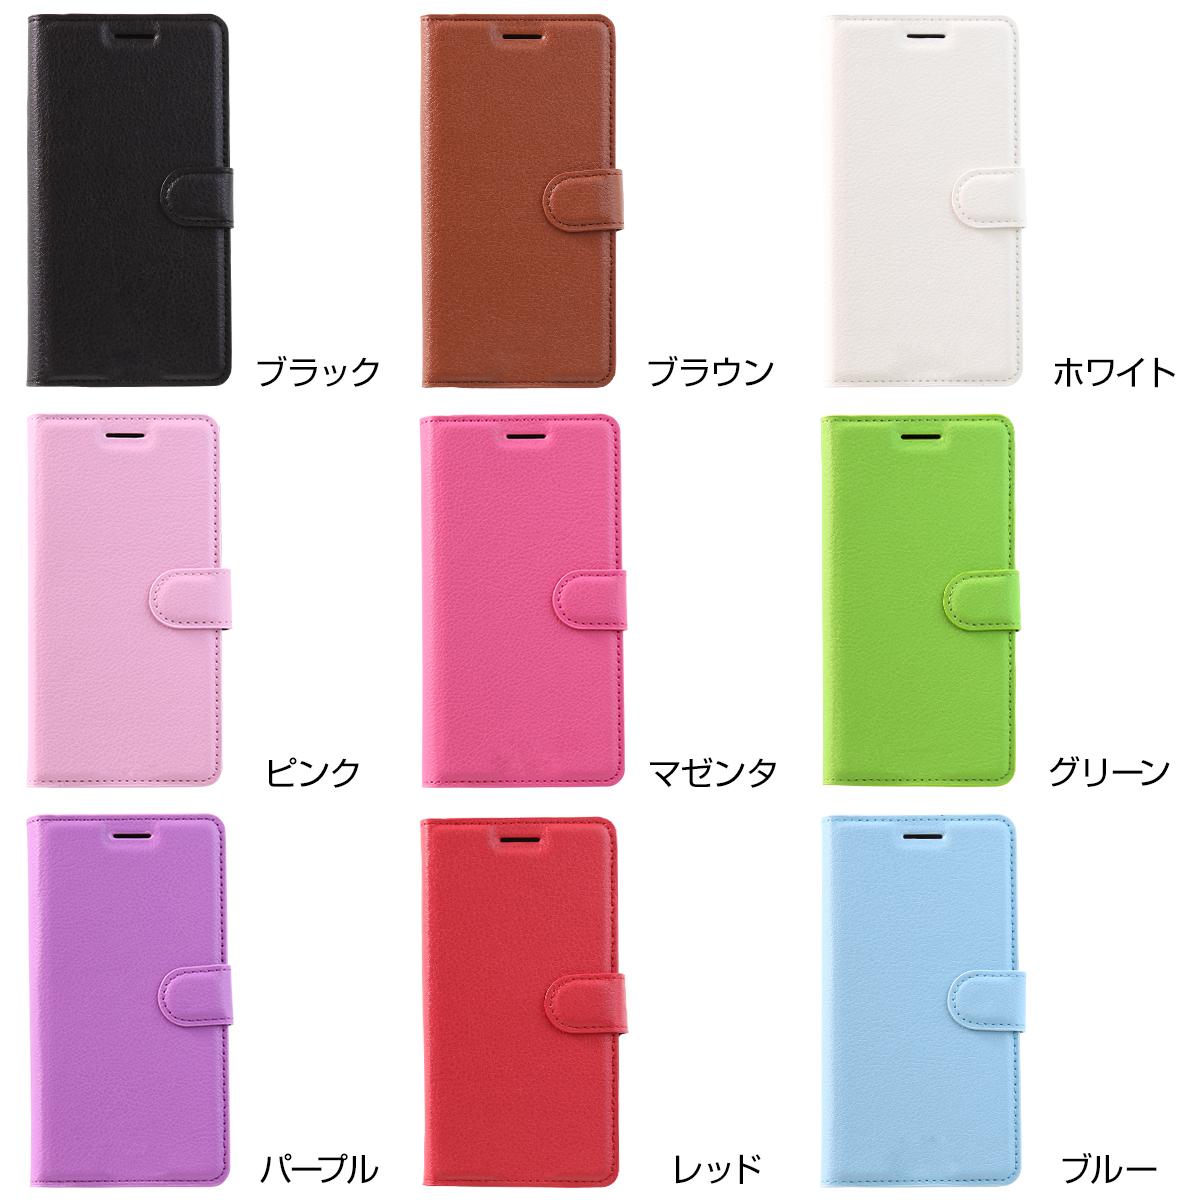 Galaxy A51 5G SC-54A SCG07 レザー手帳型ケース